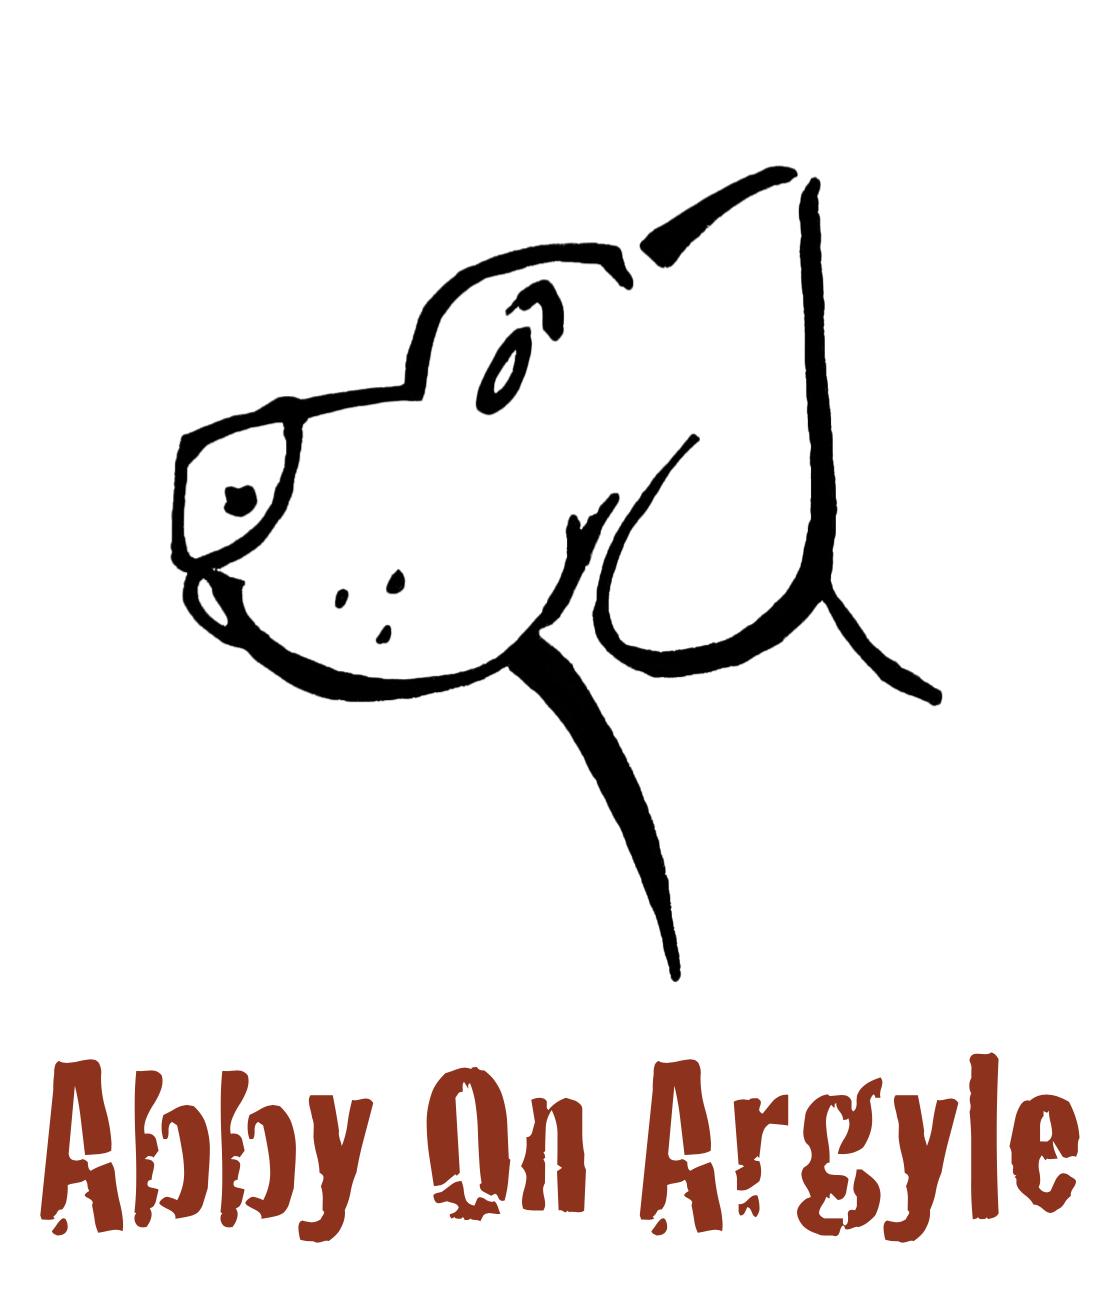 abby logo name - photo #32